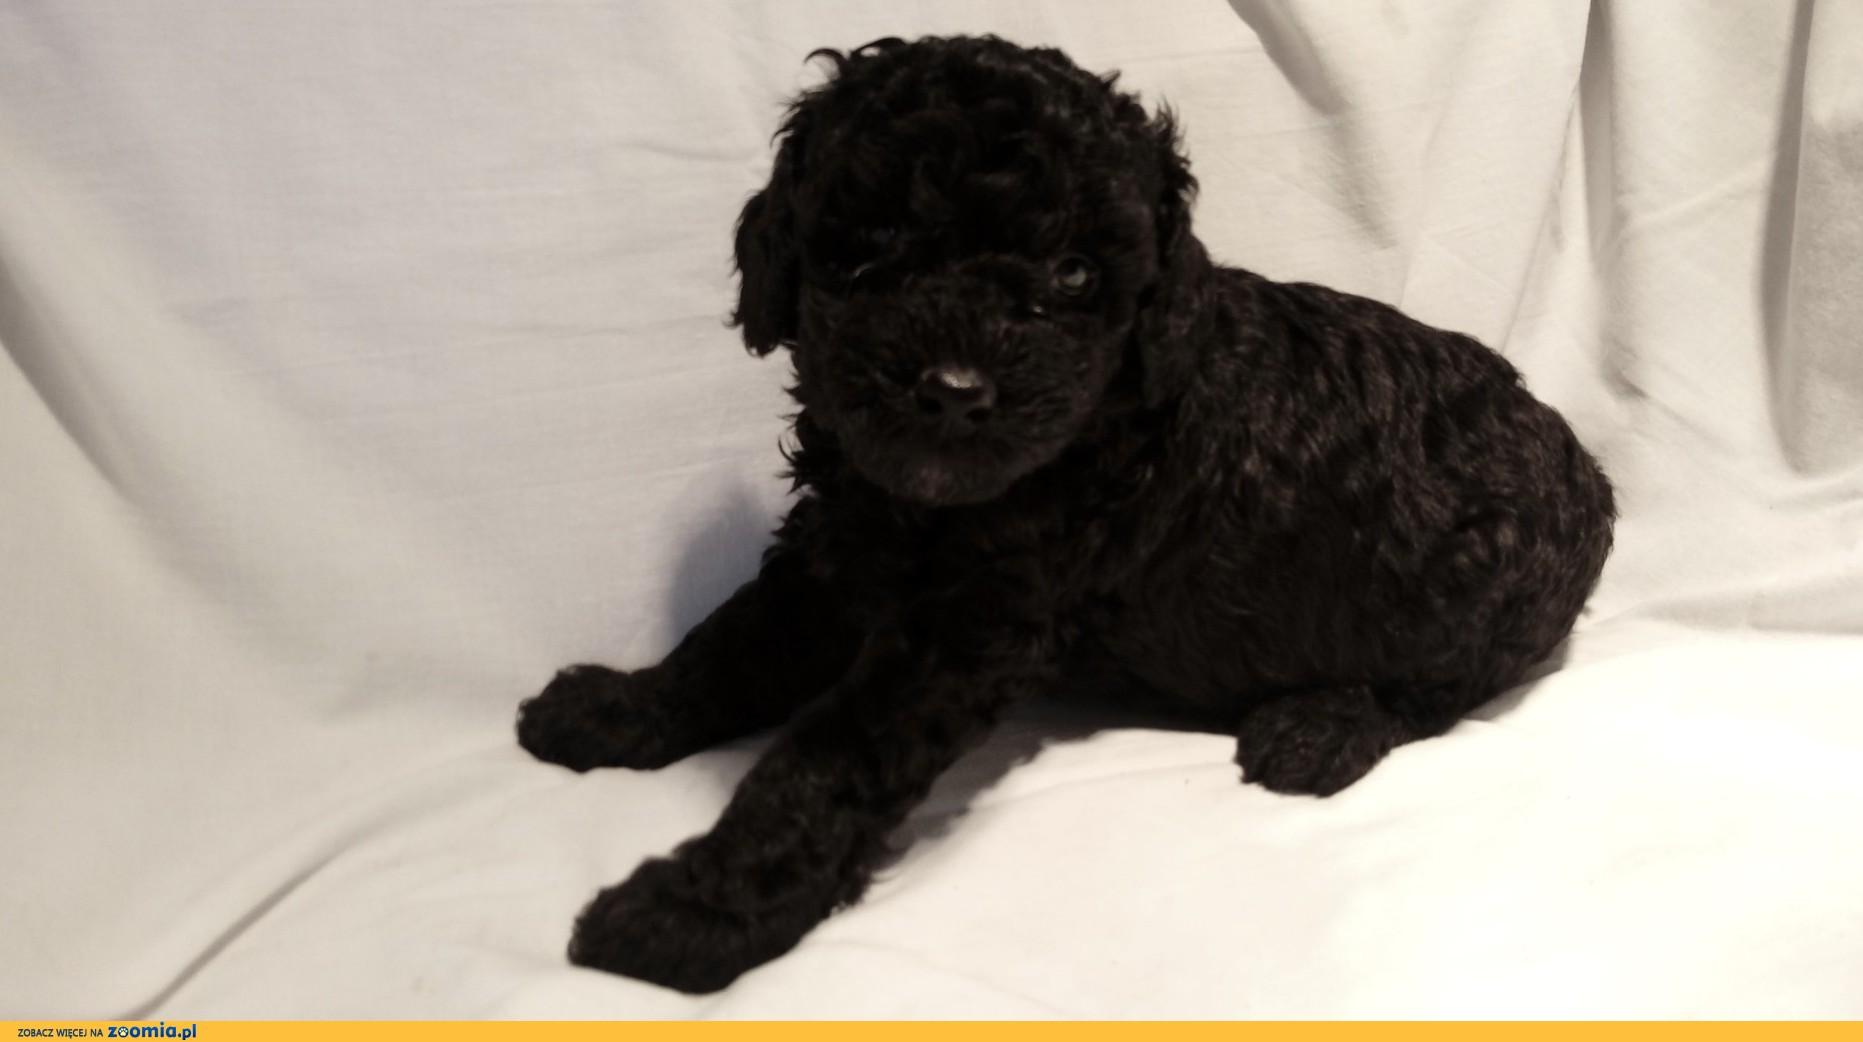 Pudel miniaturowy czarny szczeniaki.